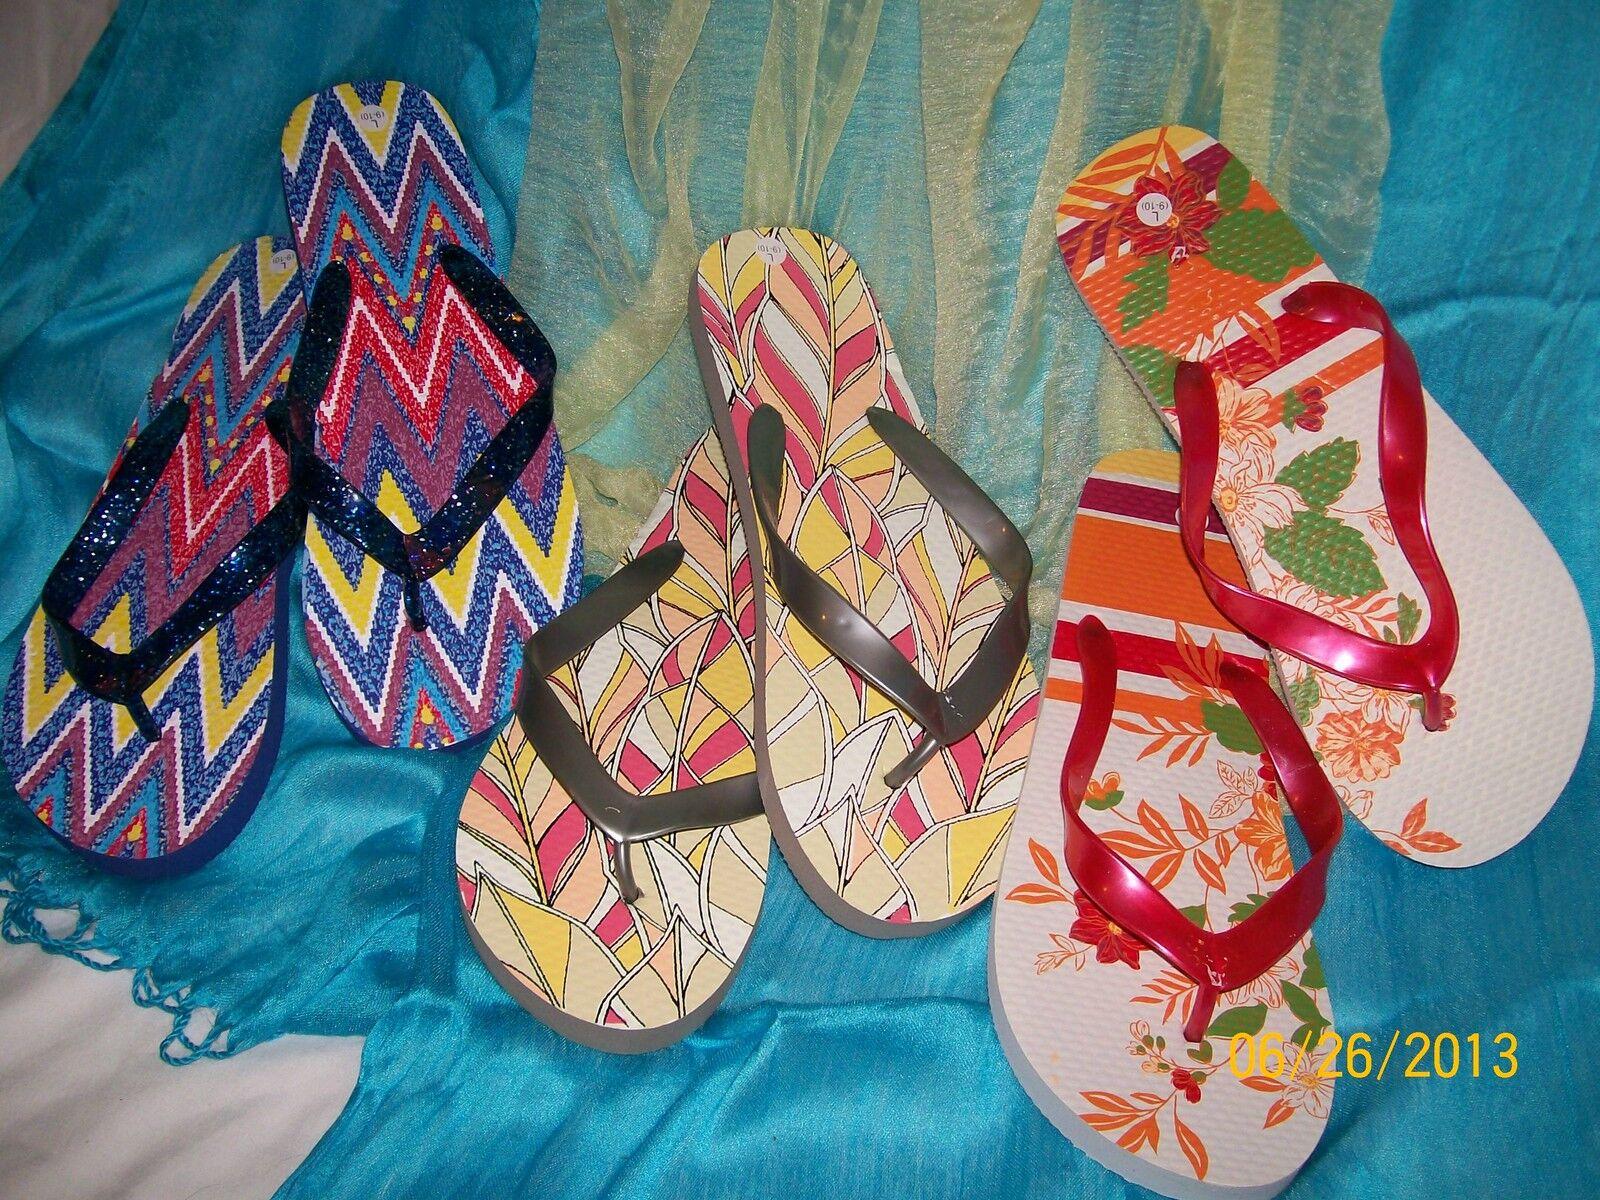 Ladies Printed Flip Flops LOT - 3 Red pairs - Grey - Red 3 - Blue - Size Smal (5-6)l efb472